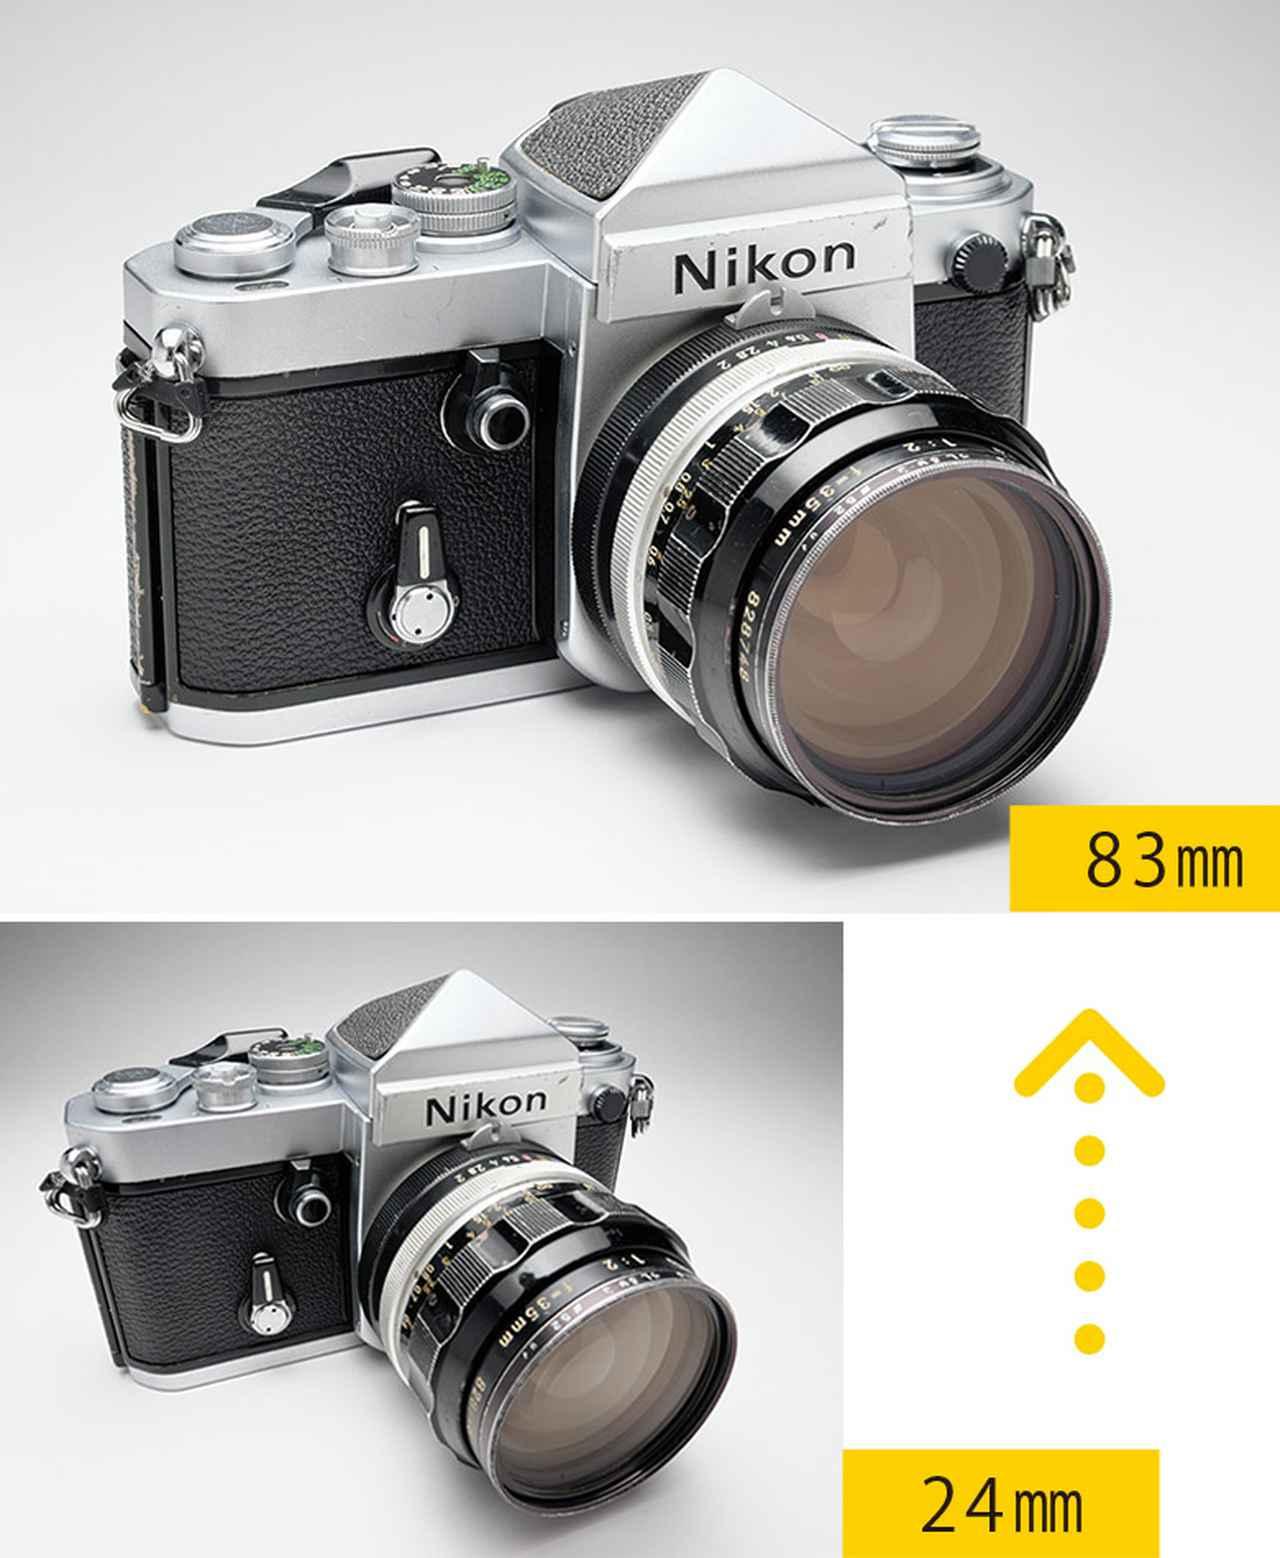 画像: 24ミリ相当で撮影したもの(写真下)は、レンズの特性で、形が歪んで写る。 写真上のように83ミリ相当で撮ると、自然な形になった。